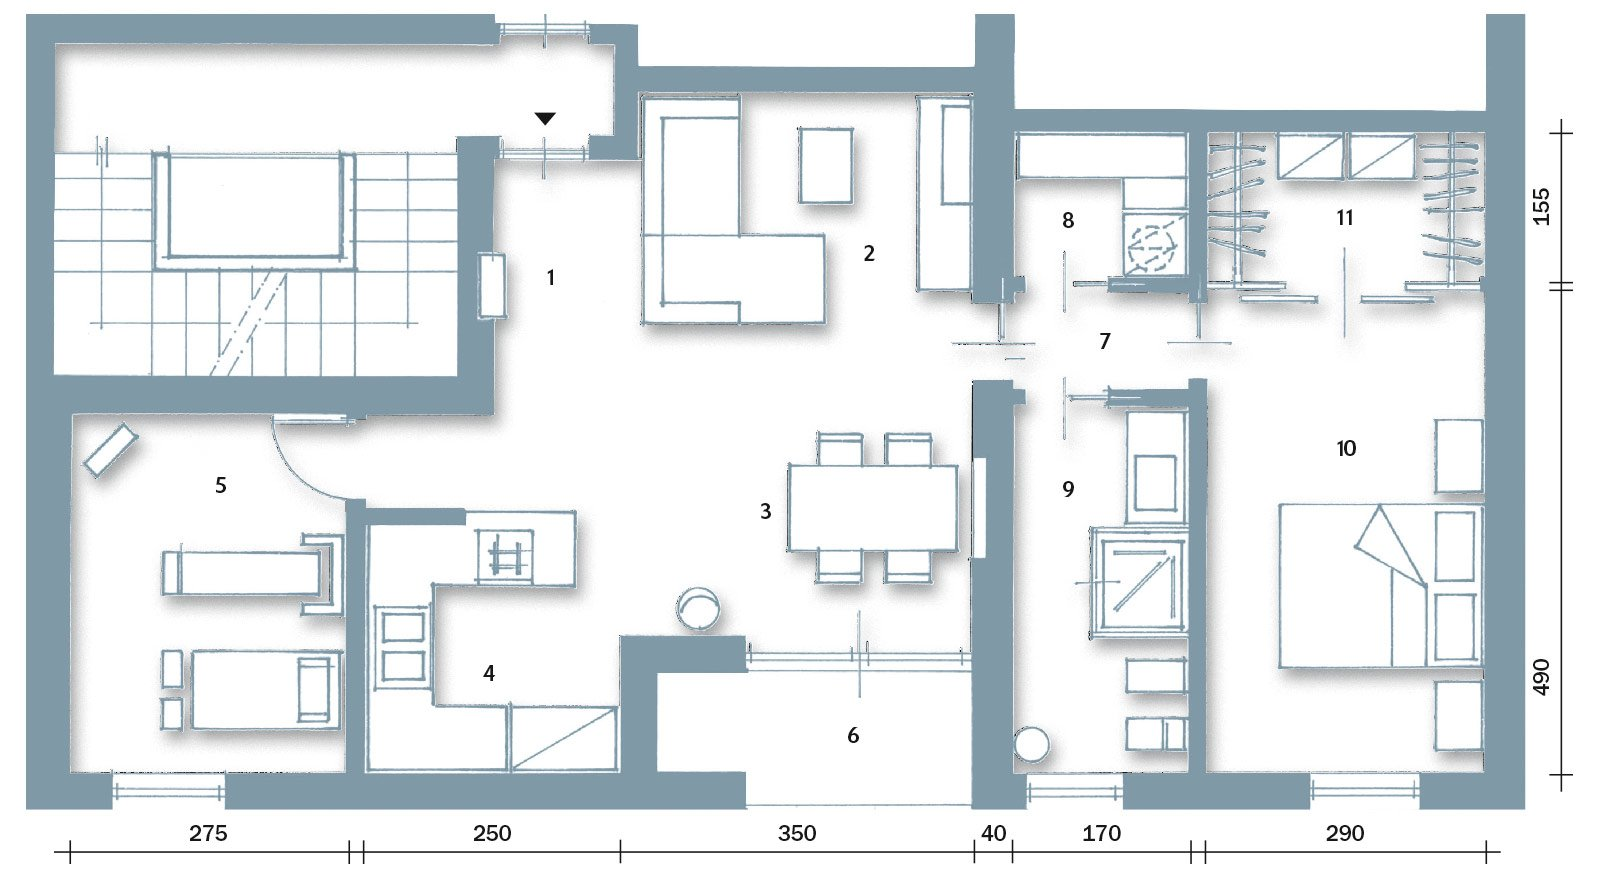 Casa con 10 trucchi 83 mq sembrano pi grandi cose di for Che disegna progetti per le case